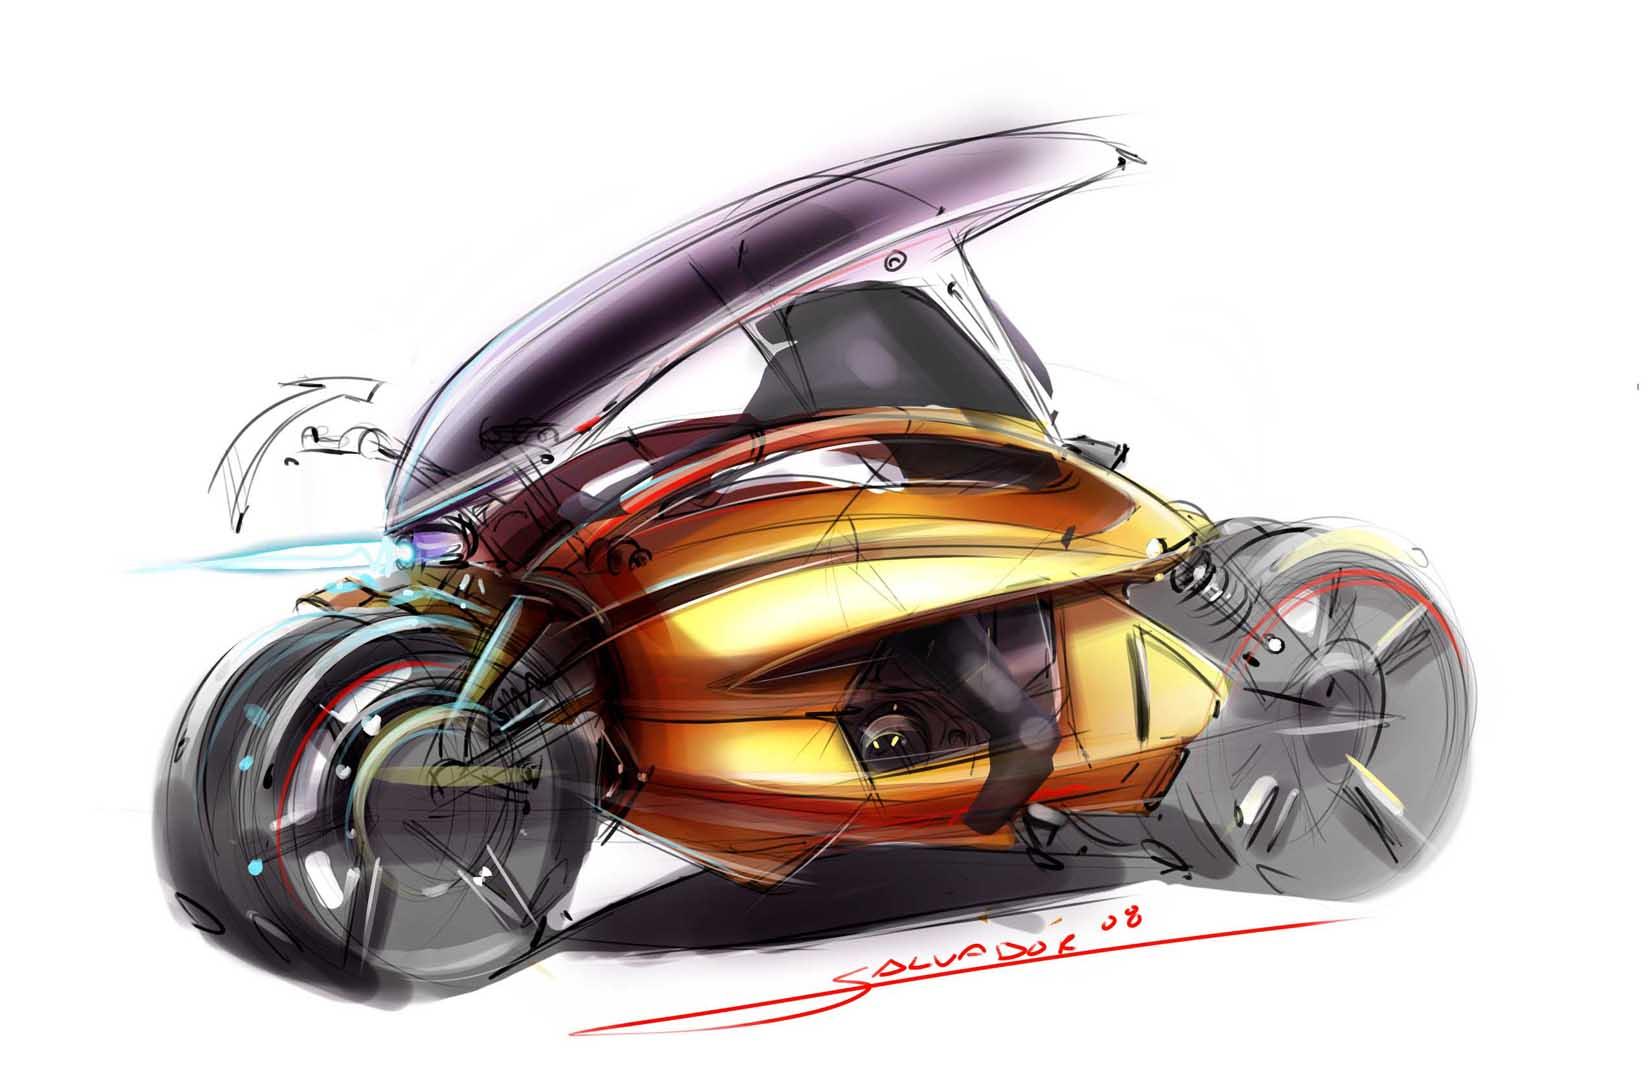 Gonzalez_sketches02.jpg